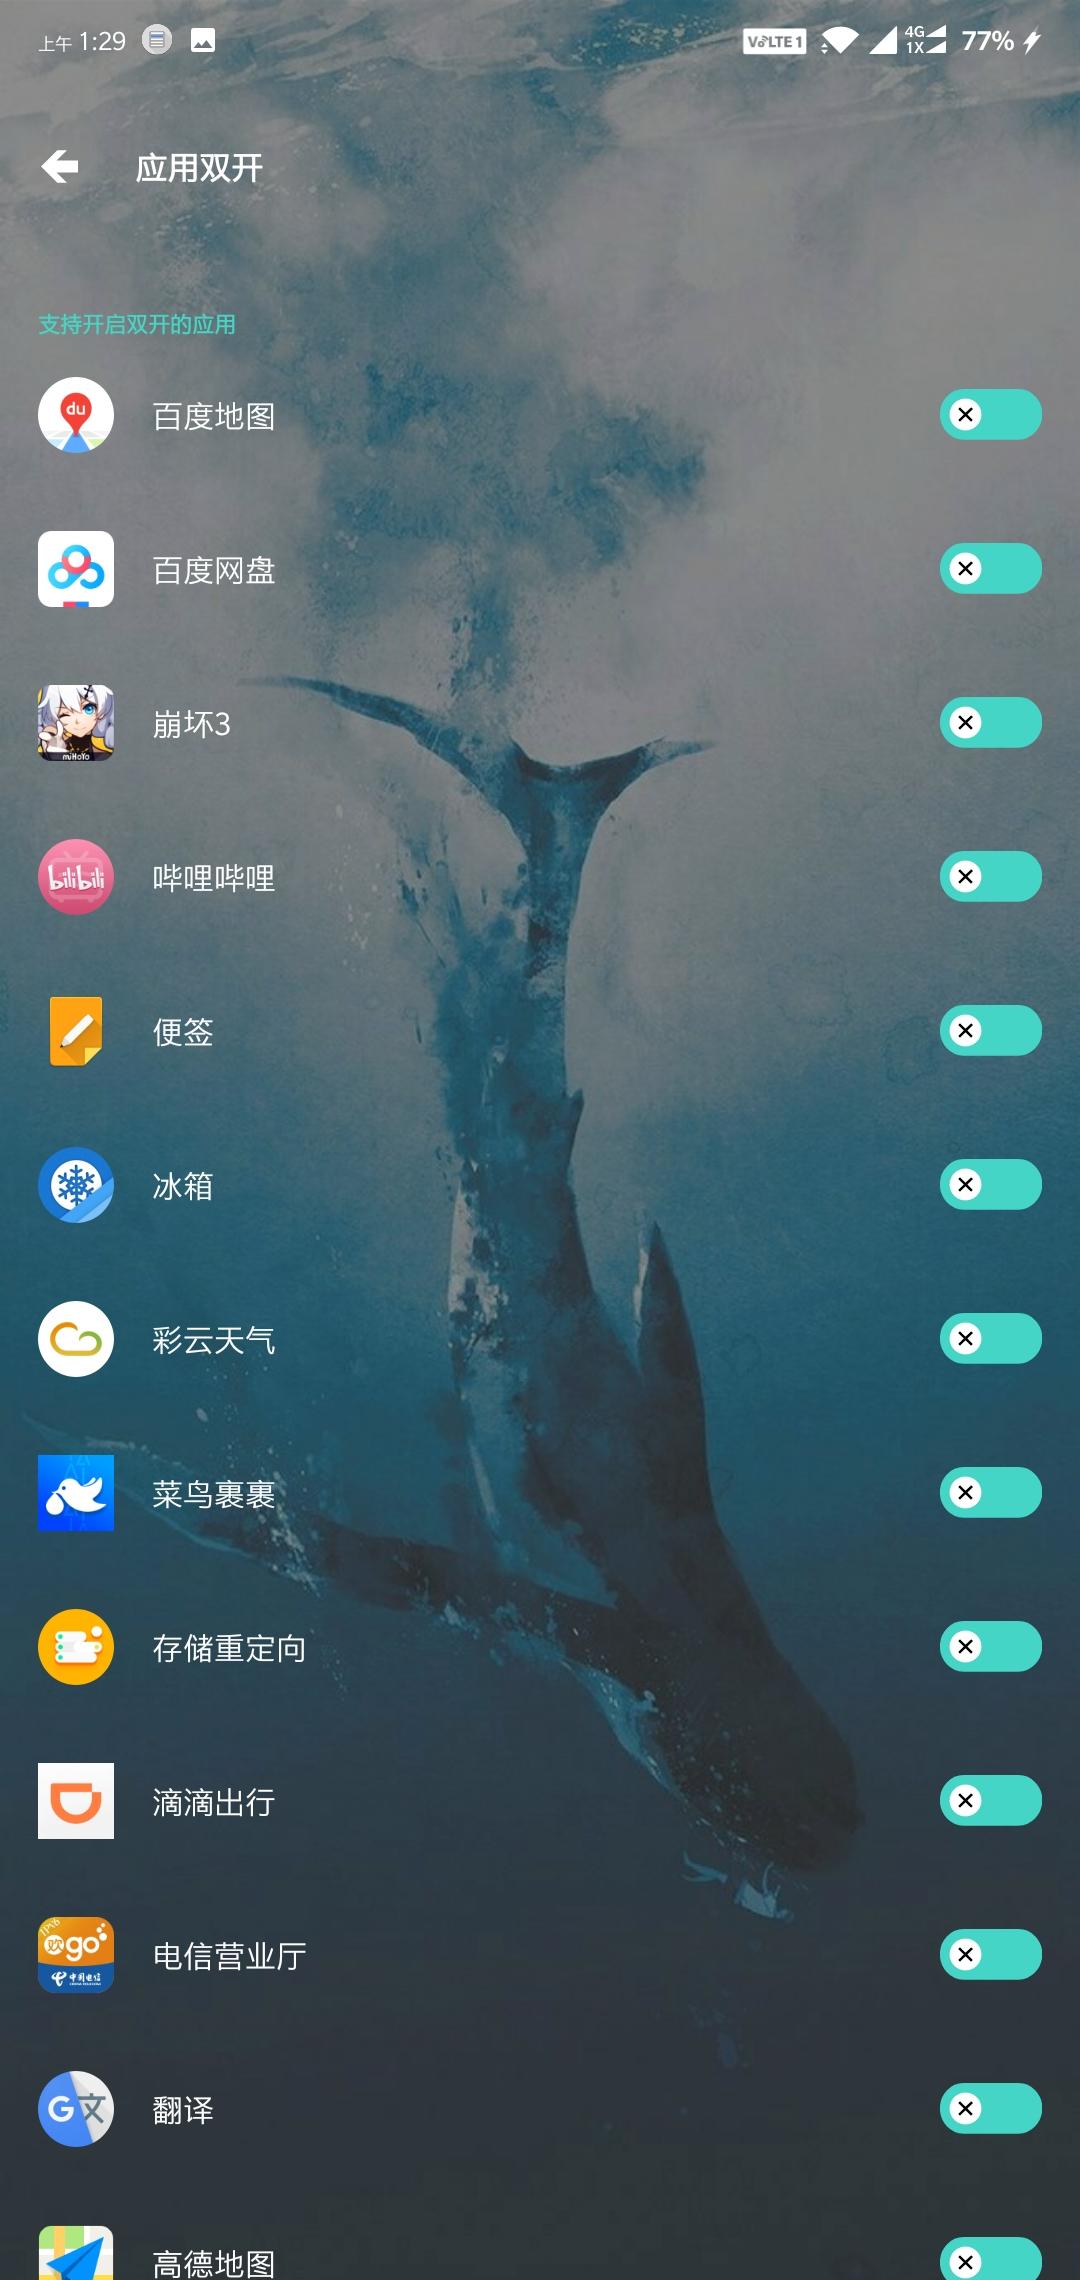 Screenshot_20190823-012931.jpg